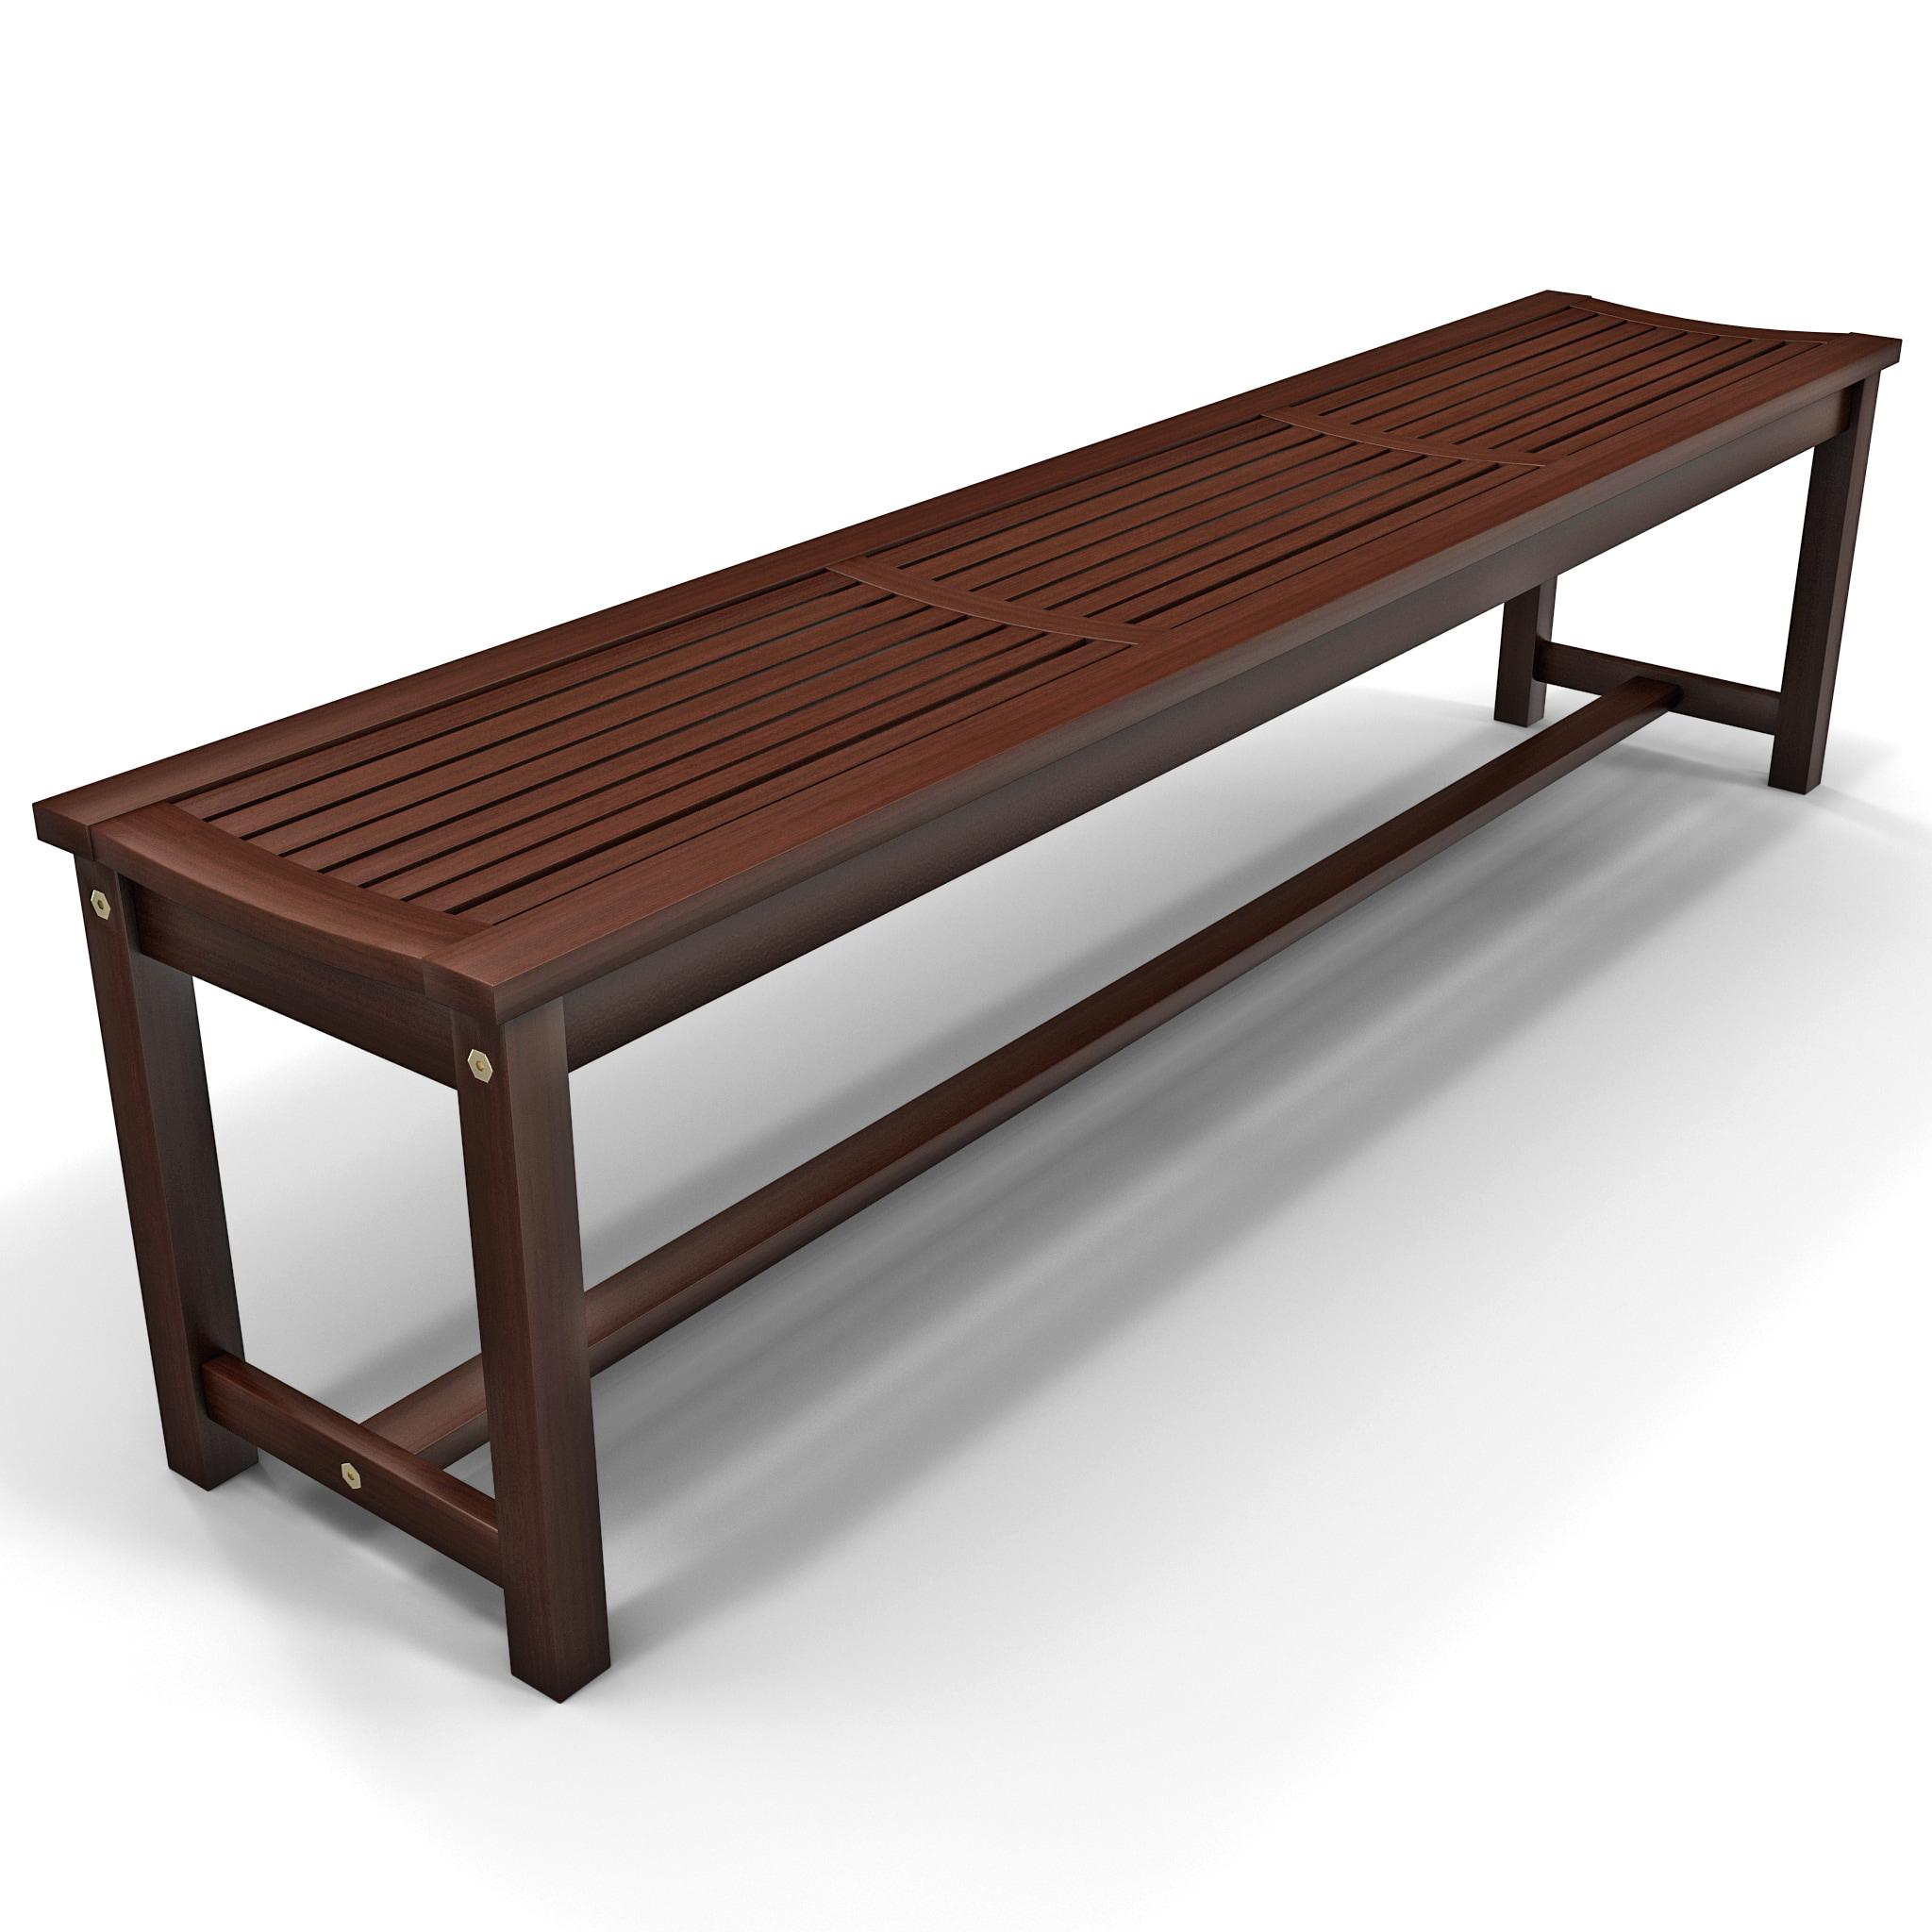 3d model of strathwood blakely bench